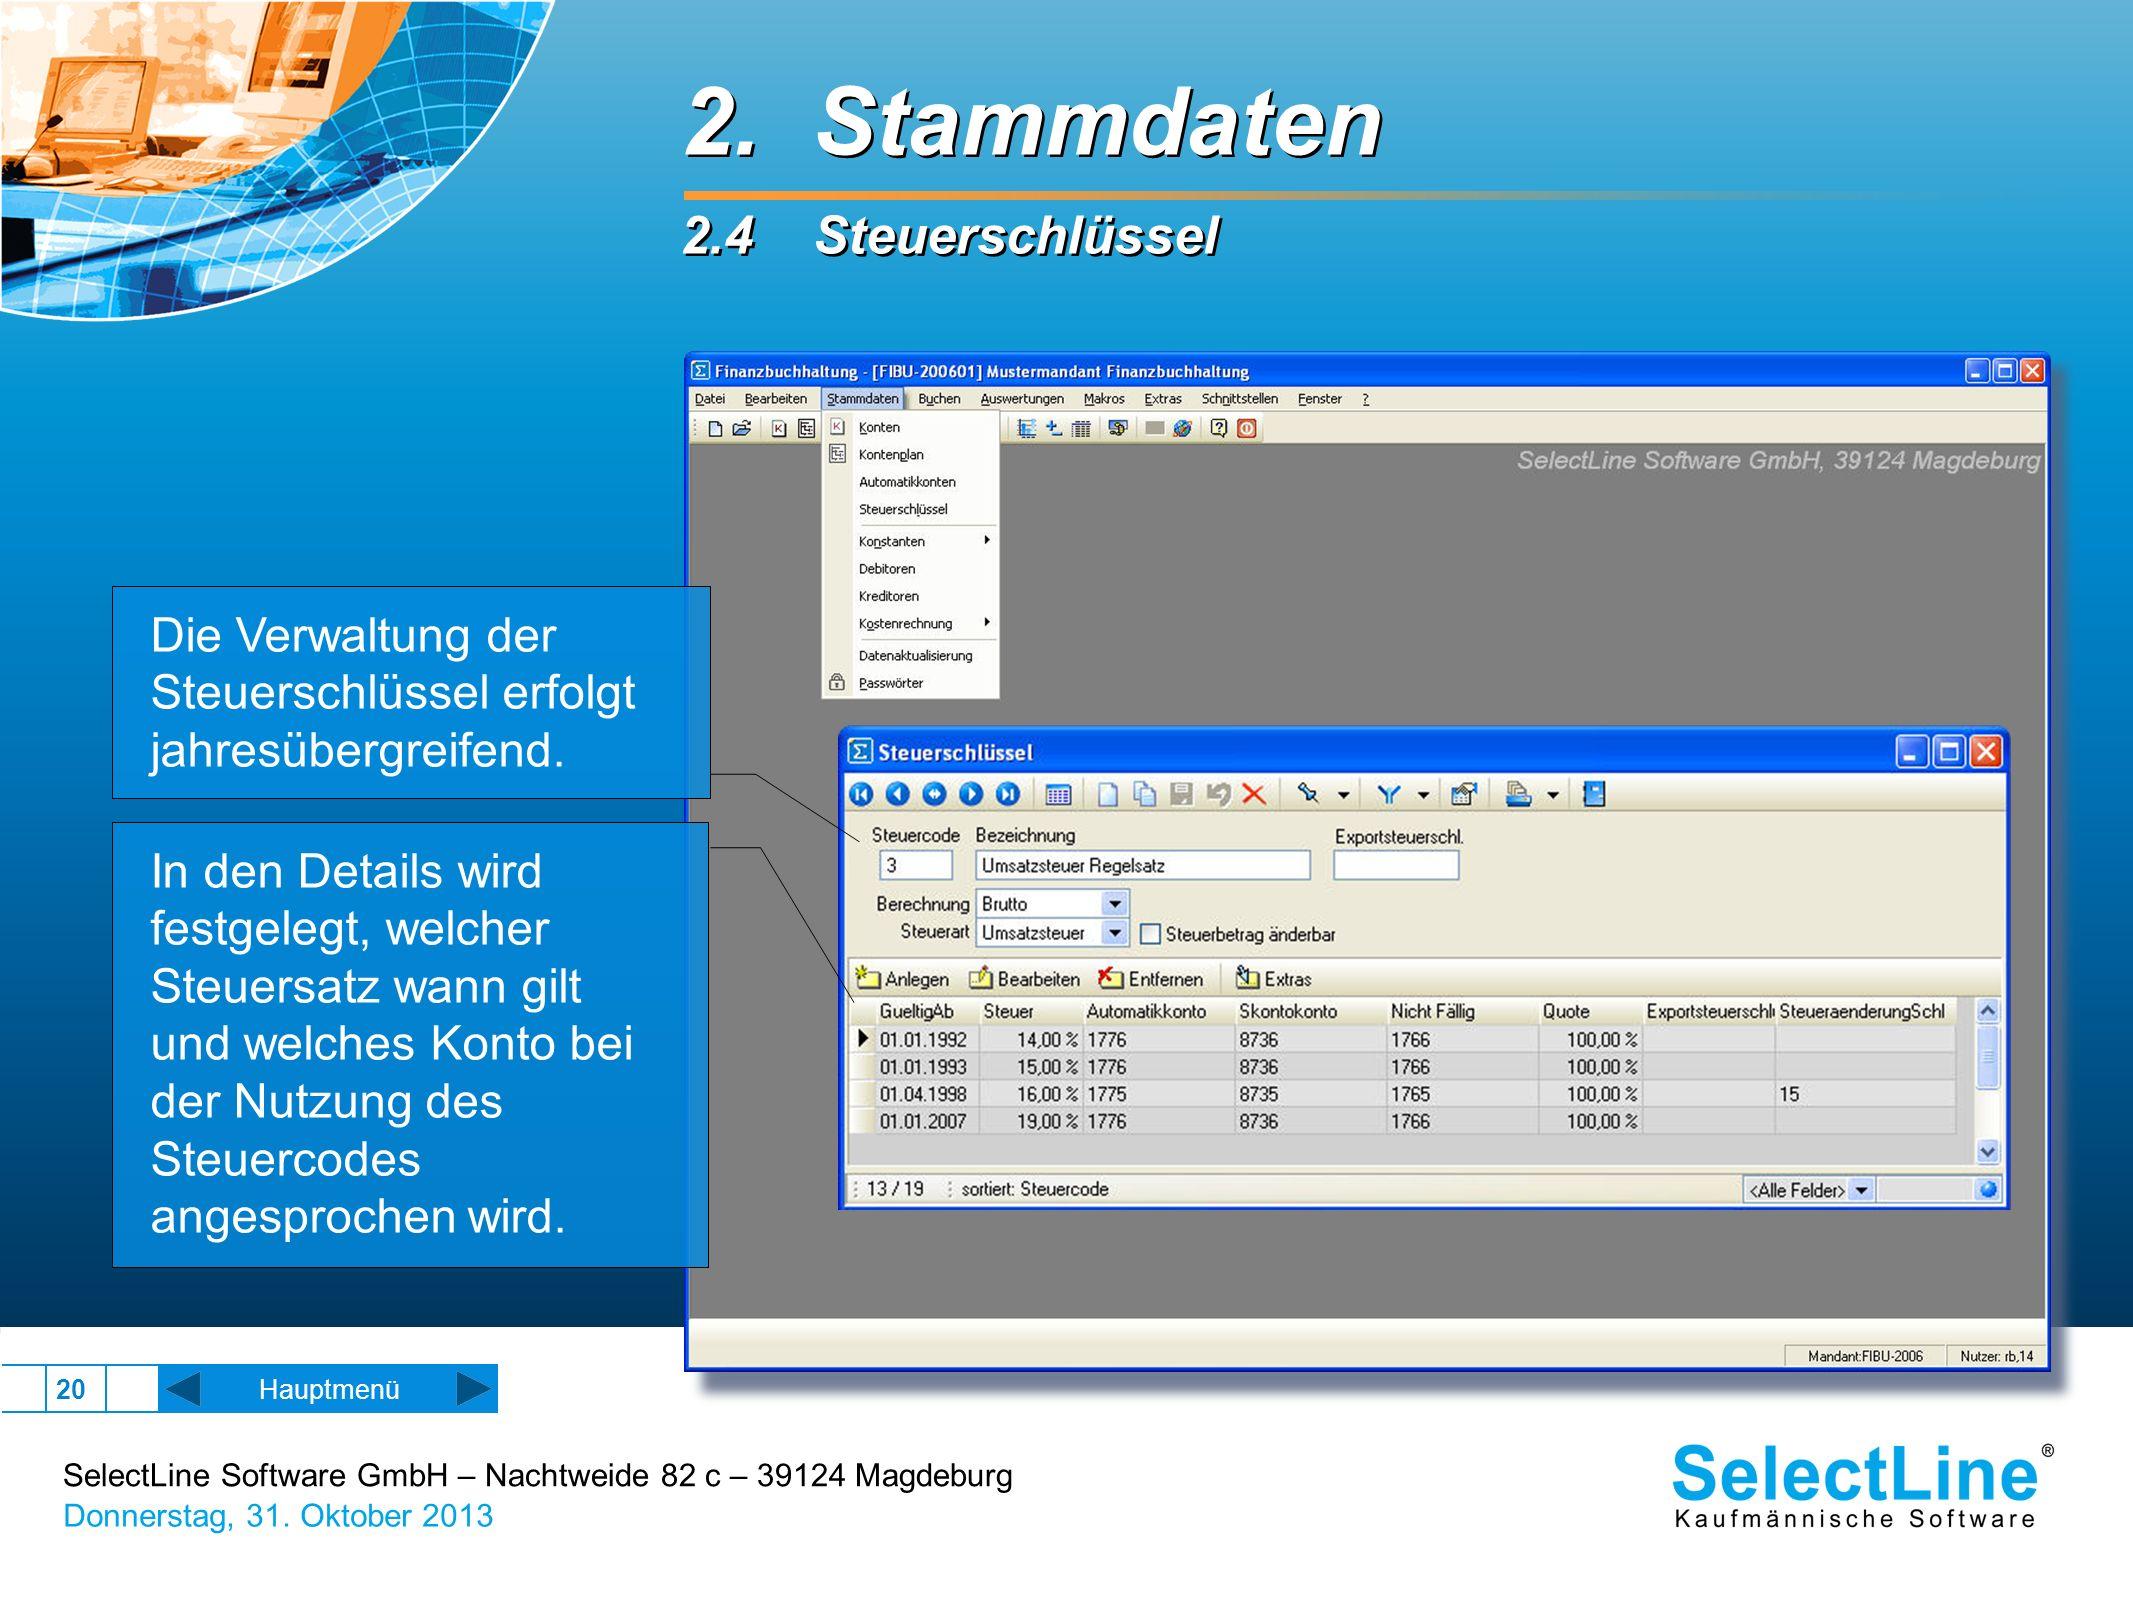 SelectLine Software GmbH – Nachtweide 82 c – 39124 Magdeburg Donnerstag, 31. Oktober 2013 20 2. Stammdaten 2.4 Steuerschlüssel 2. Stammdaten 2.4 Steue